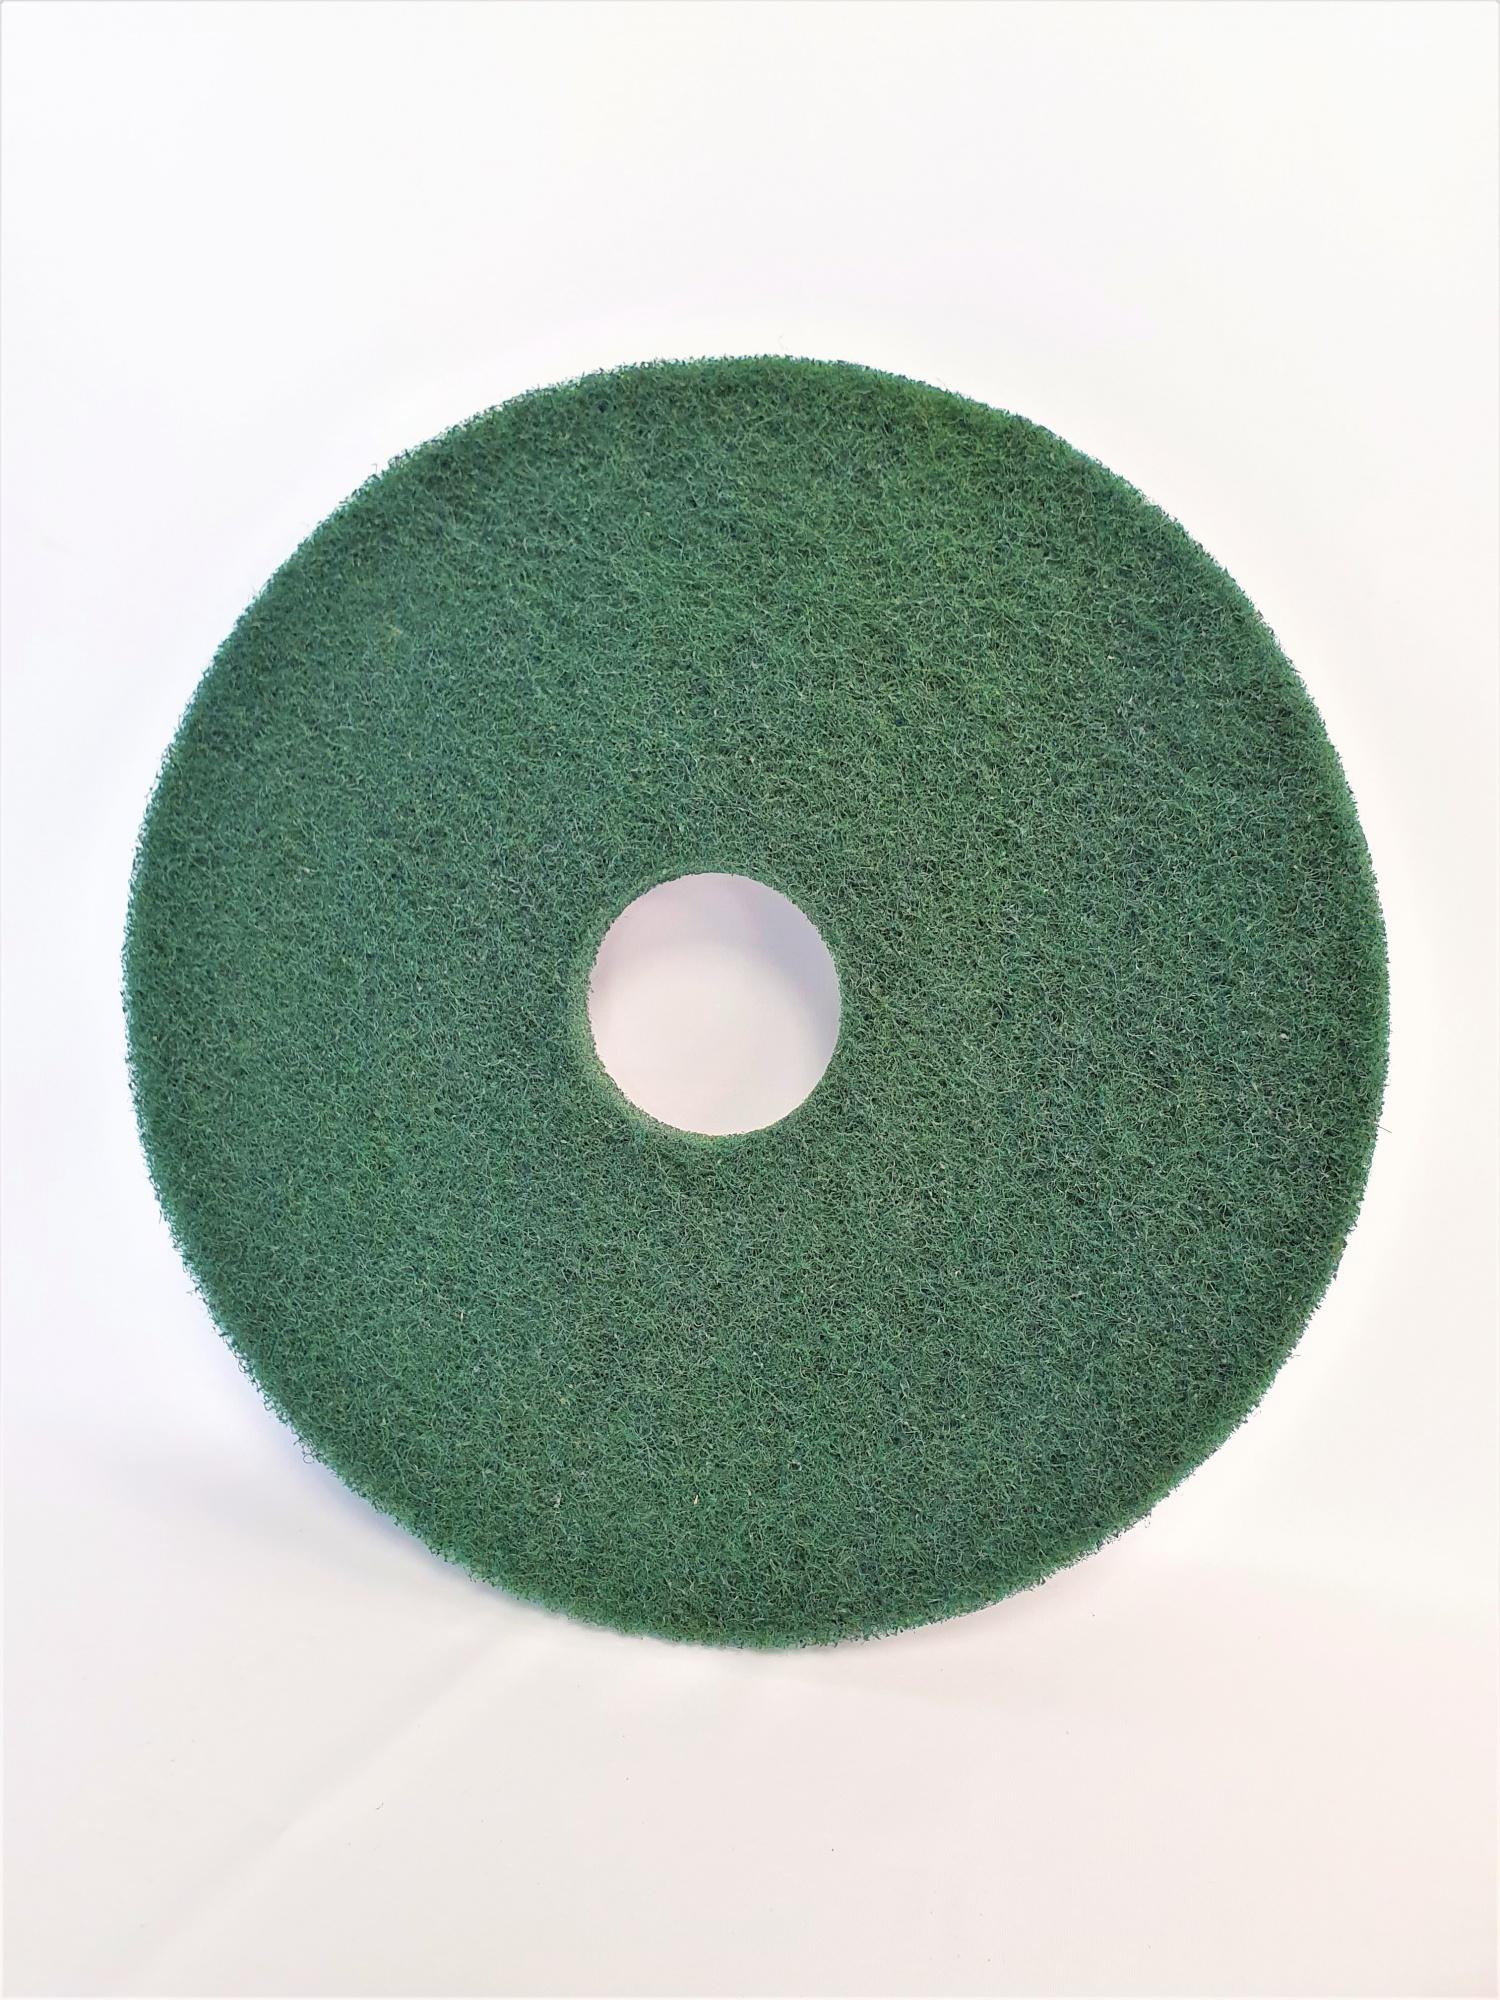 Disques verts 508 mm pour Autolaveuse VIPER AS 5160 T